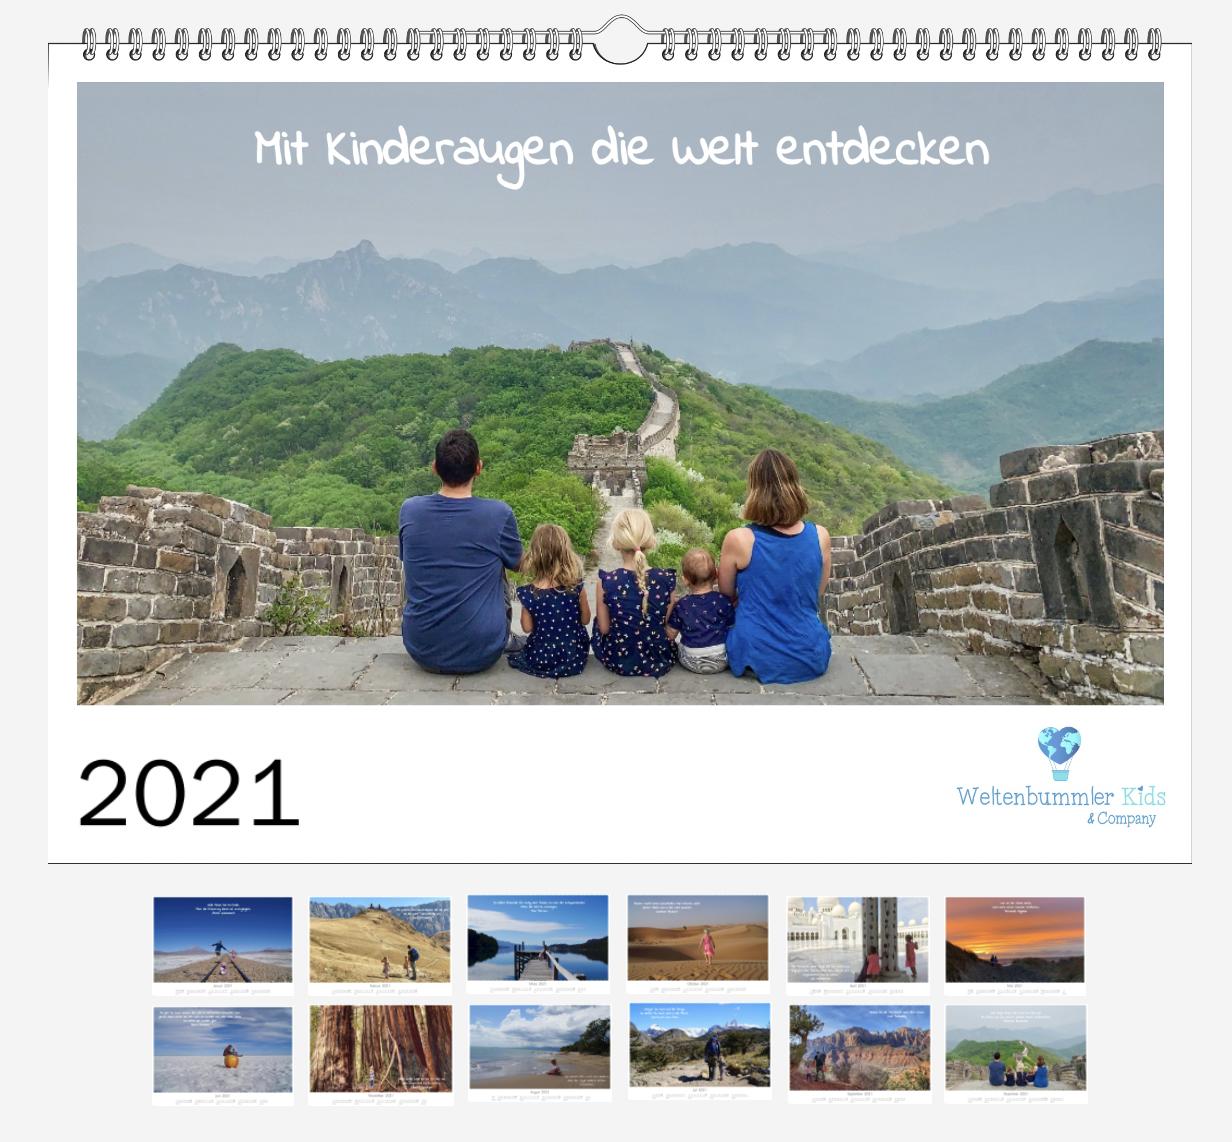 Hol Dir 2021 die Welt nach Hause